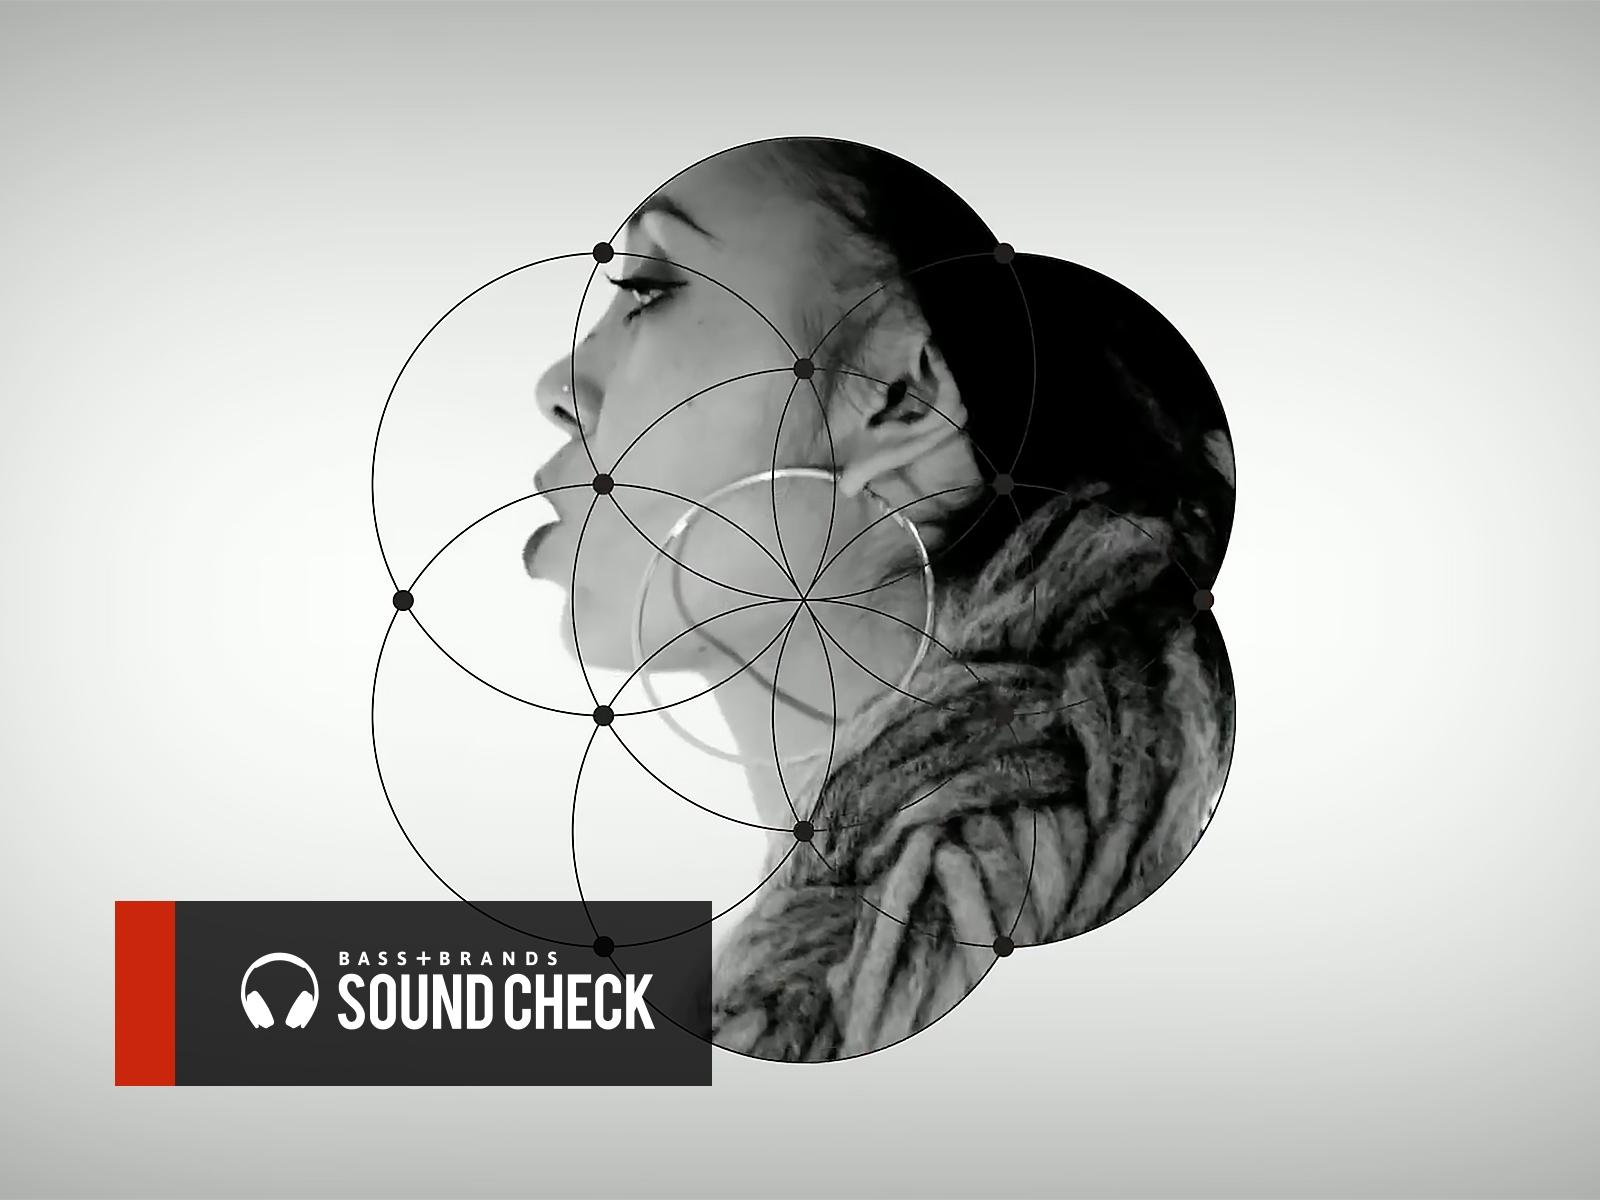 Nattali Rize - SoundCheck